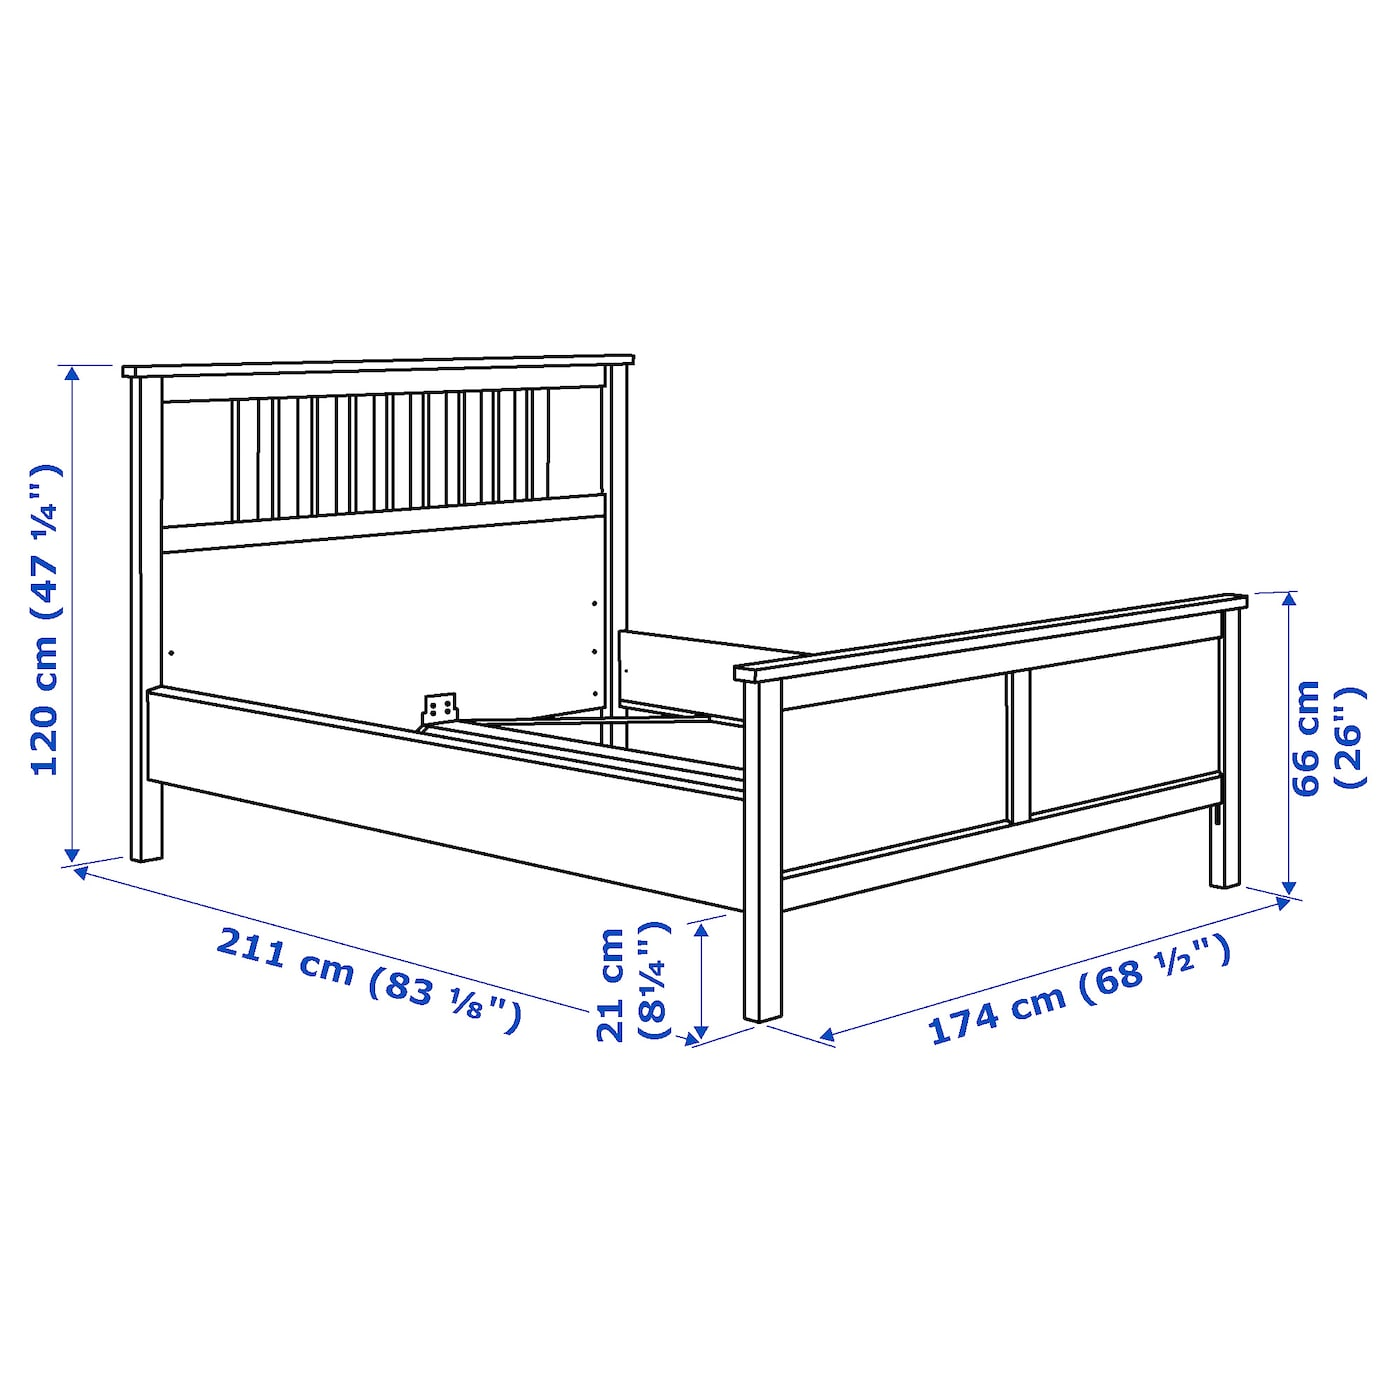 Full Size of Ikea Hemnes Bett 160x200 Grau Bettgestell Lasiert Deutschland Rattan Wasser Poco Betten Modern Design Weißes Mit Schubladen Weiß Komplett 180x220 Ebay Wohnzimmer Ikea Hemnes Bett 160x200 Grau